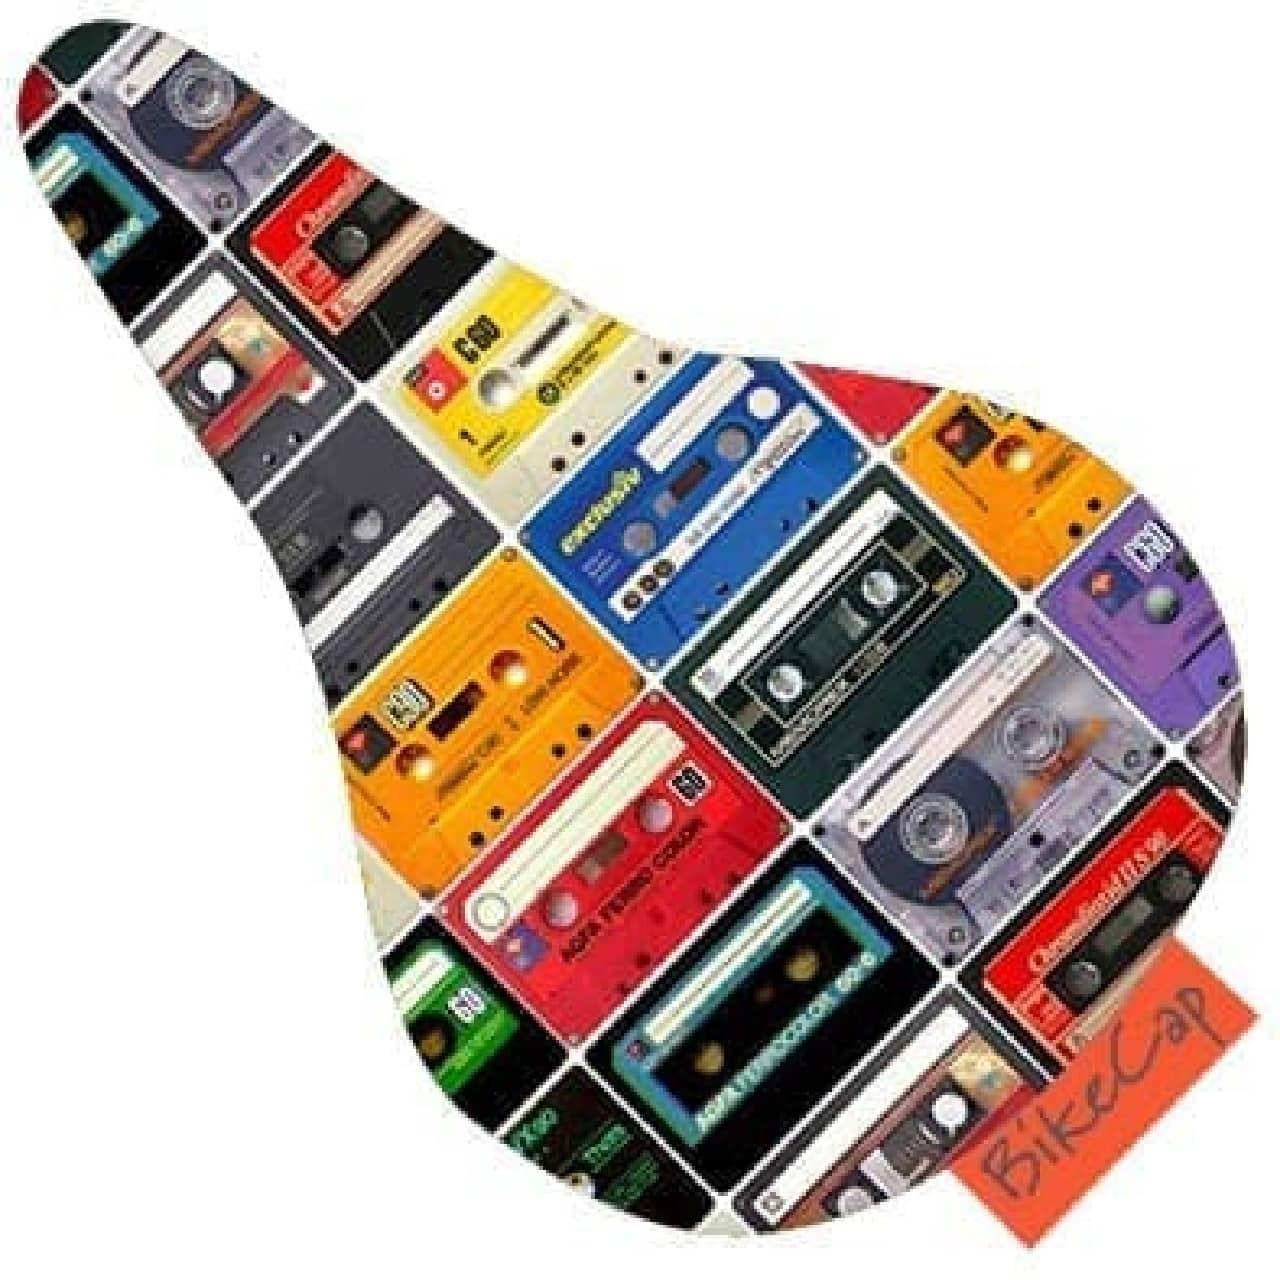 男心をくすぐるカセットテープデザインの自転車用サドルカバーBikeCap社の「オフザレコード」